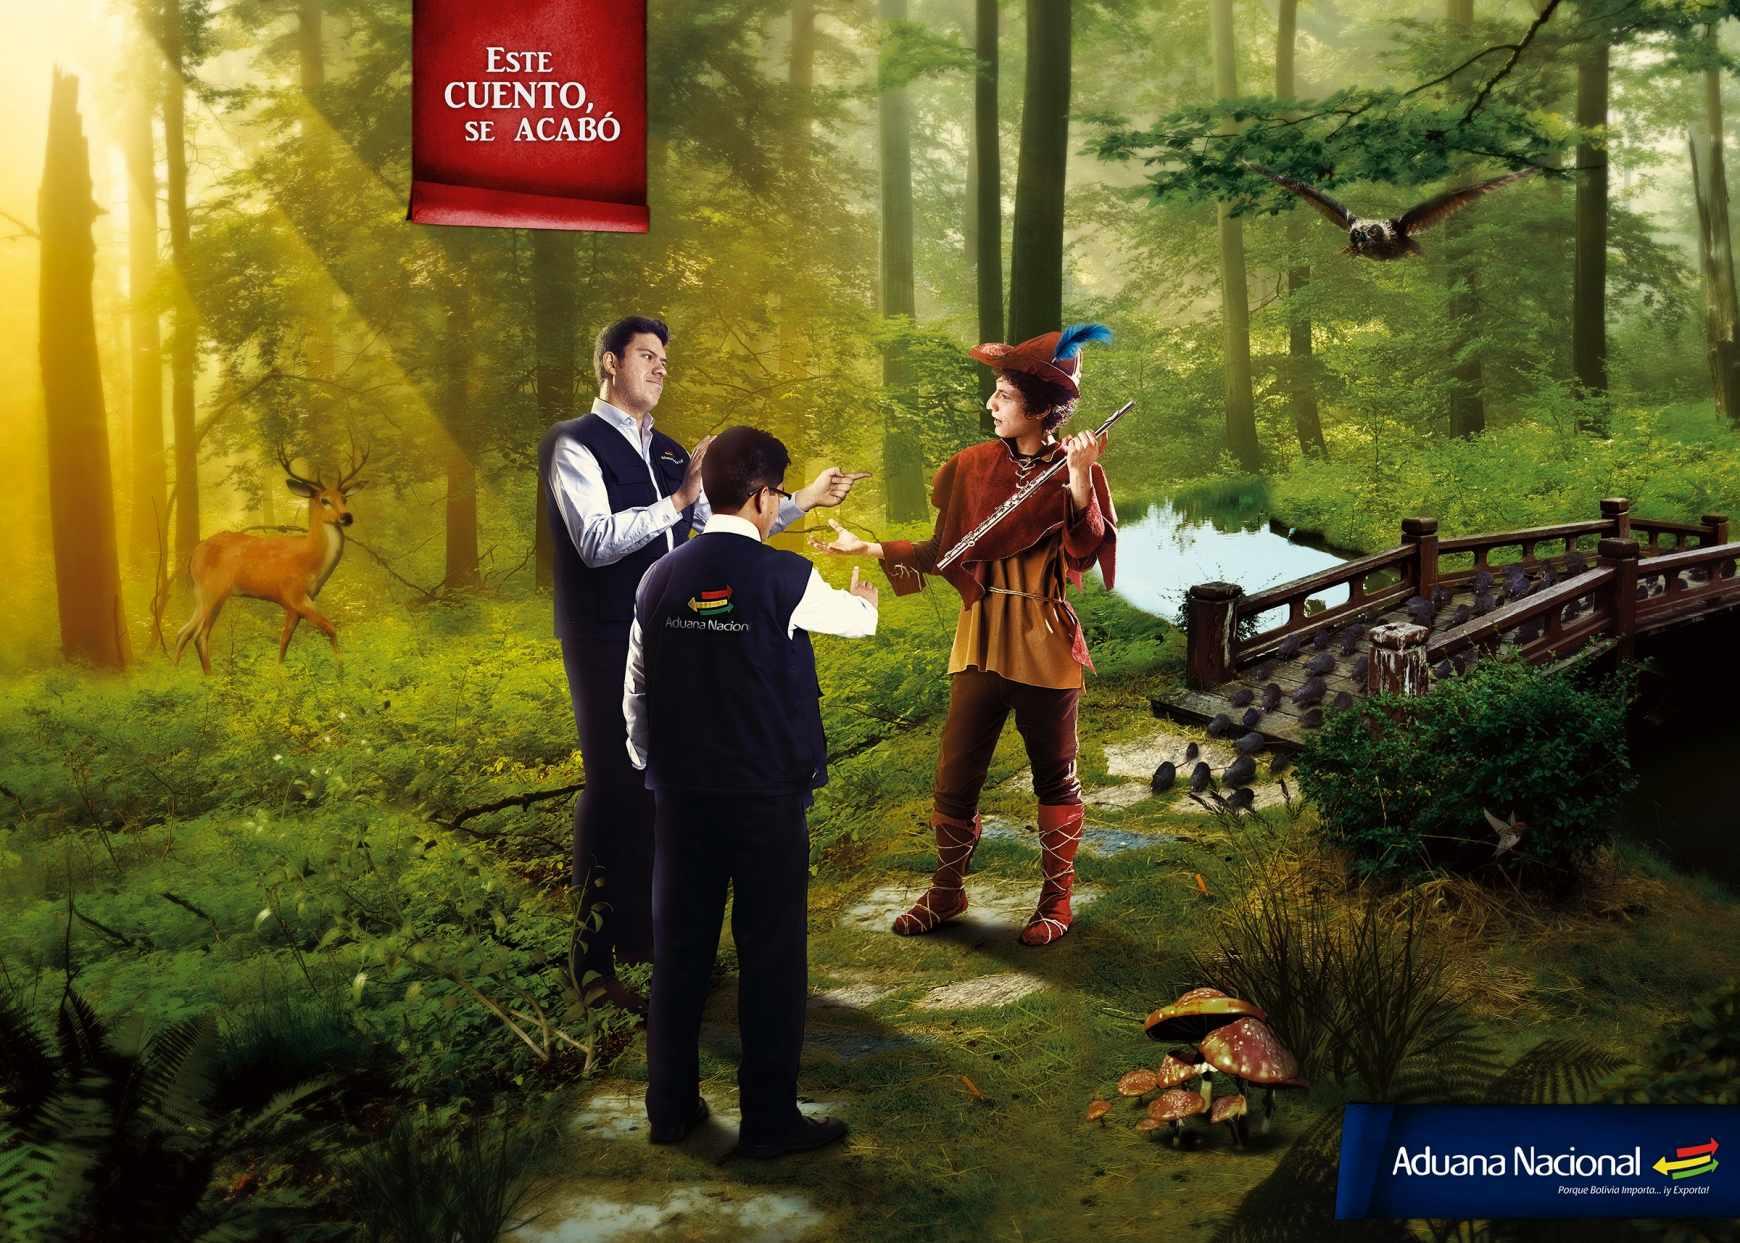 7-publicidades-de-bolivia-y-lo-que-podemos-aprender-de-ellas